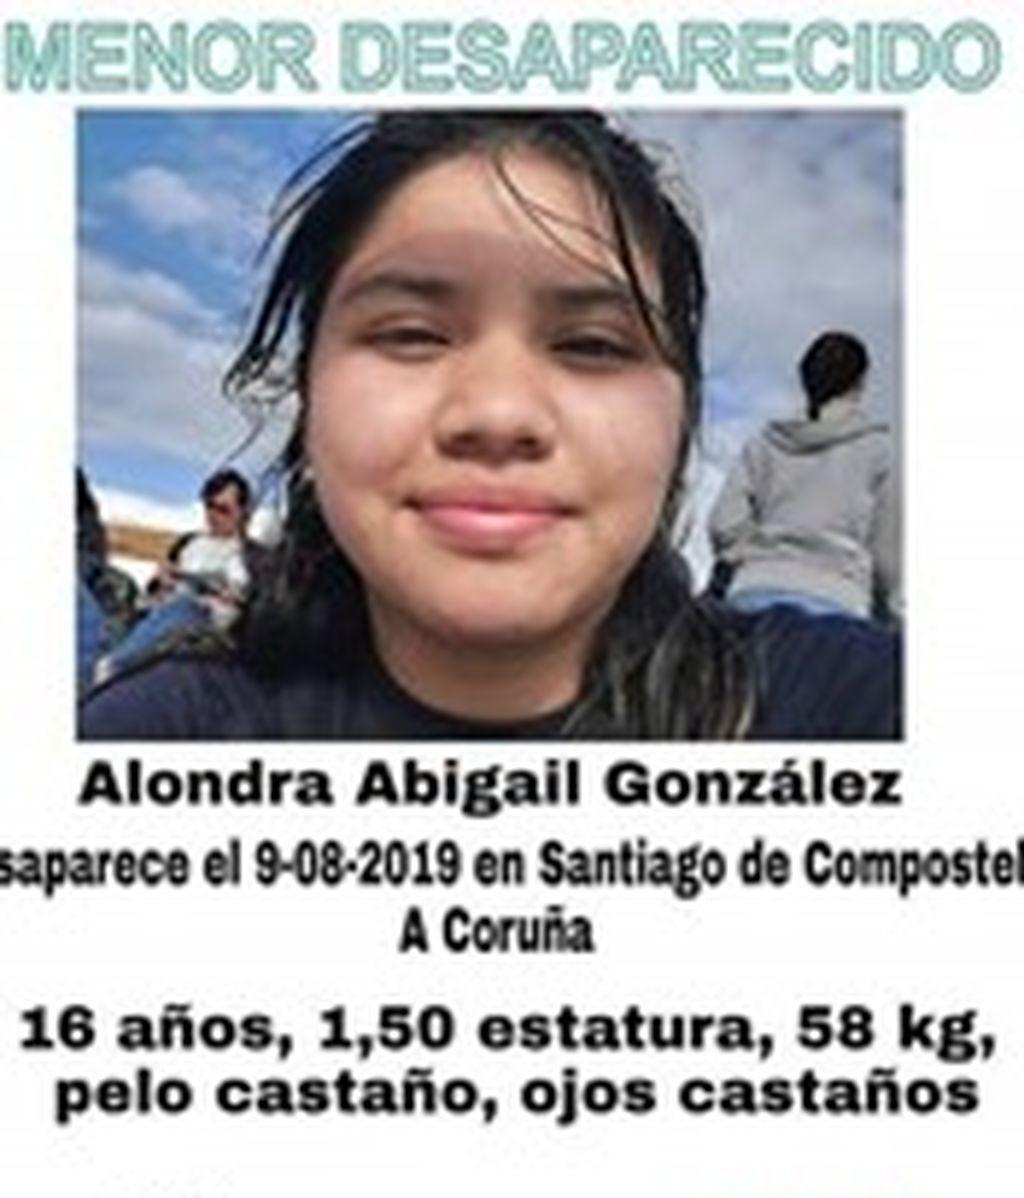 Alondra A.G desaparecida desde el Viernes en Santiago